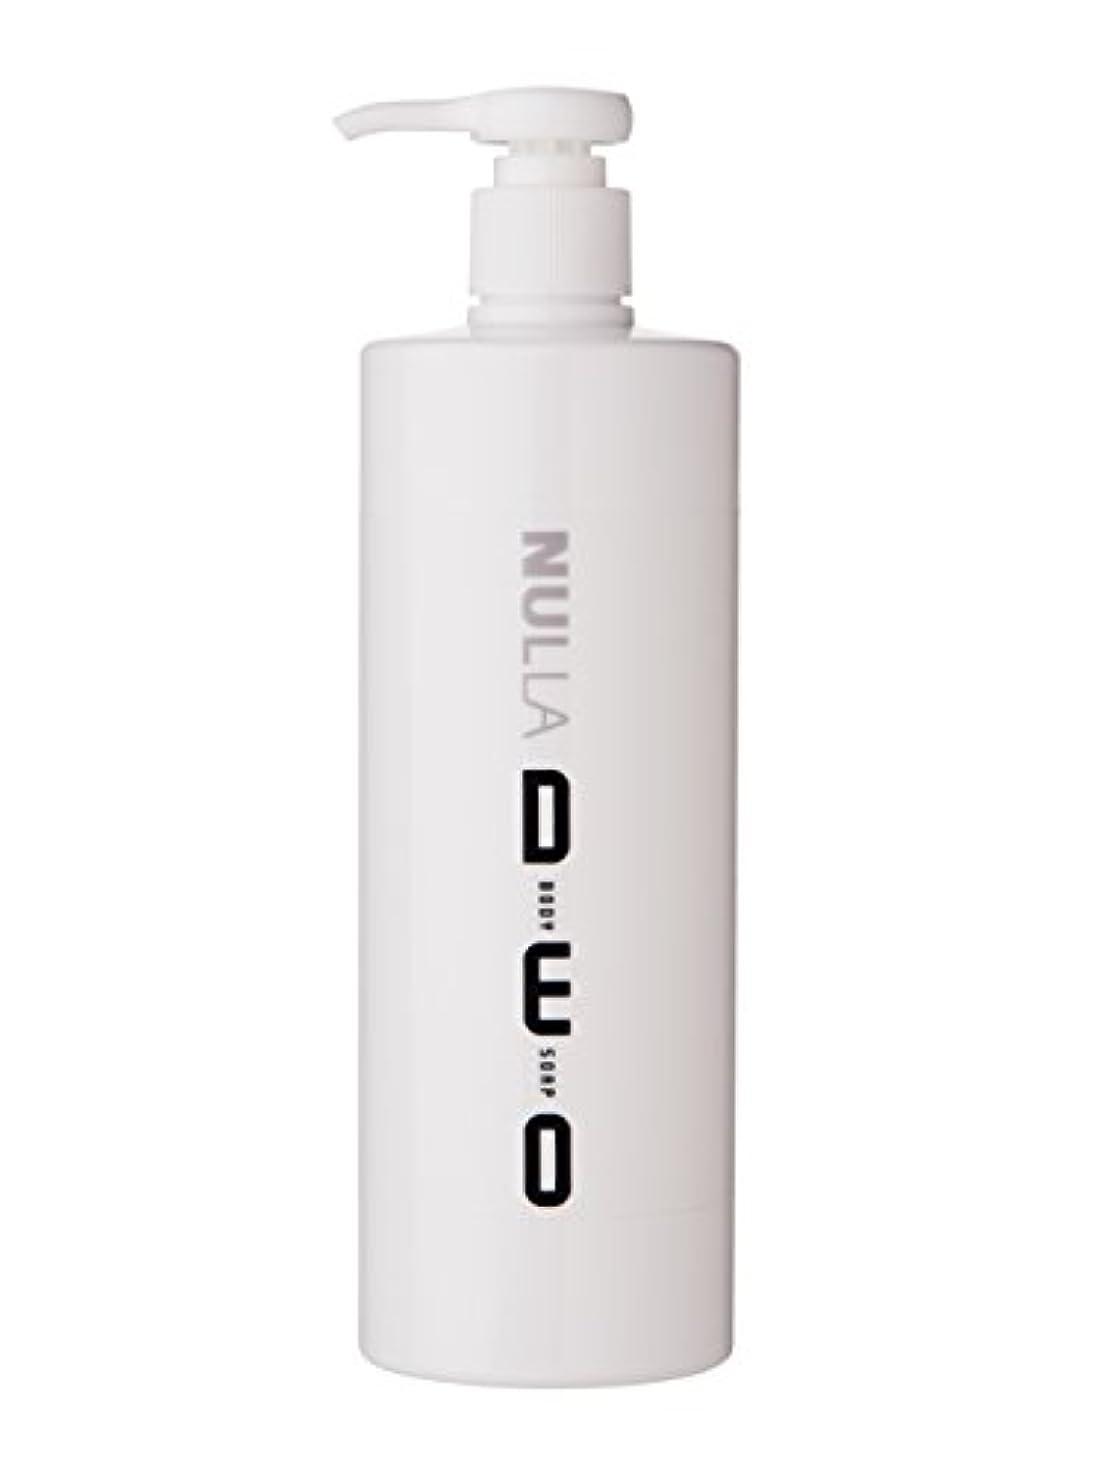 探検後排気NULLA(ヌーラ) ヌーラデオ ボディソープ [ニオイ菌を抑制] 500ml 日本製 加齢臭 体臭 対策 シャボンの香り